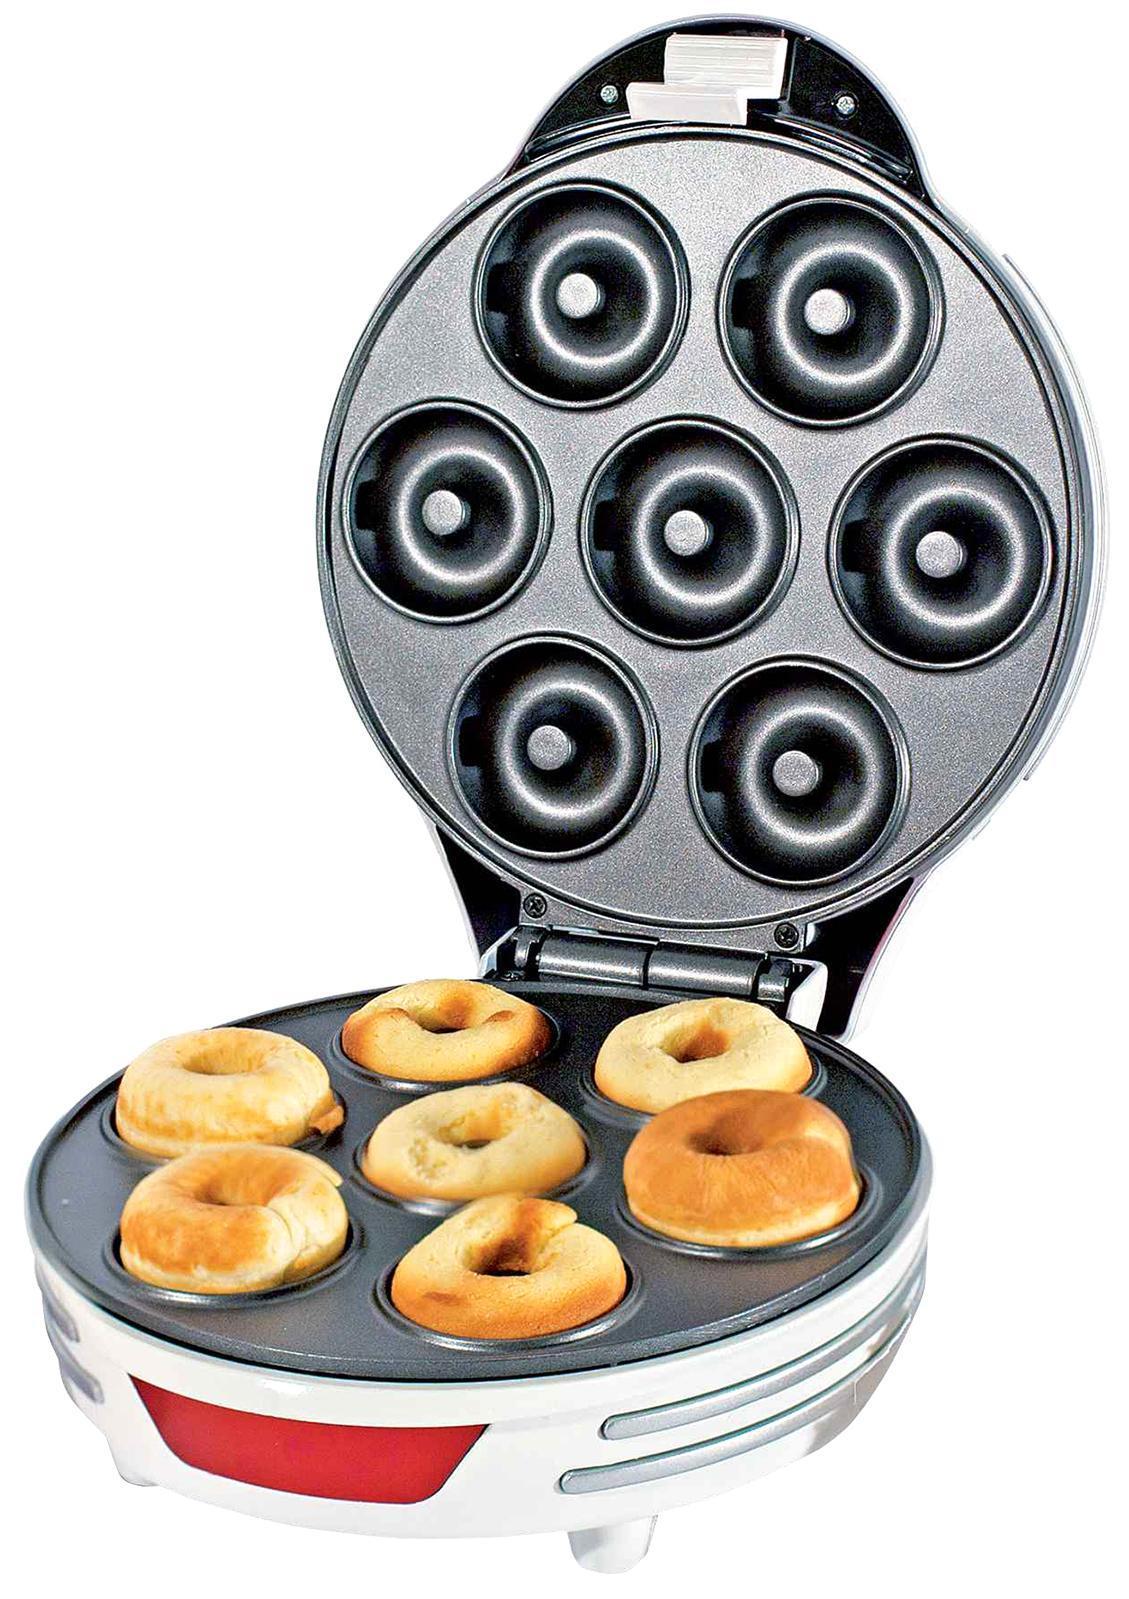 Ariete 189 Party Time прибор для приготовления пончиков189С помощью пончик-мейкера Ariete 189 Вы приготовите вкуснейшие домашние пончики всего за несколько минут. В антипригарных формочках за один раз можно испечь 7 штук. И для их приготовления не понадобится расходовать много масла. Вам просто нужно замесить тесто и разлить в формочки. Закрываете крышкой и поглядываете на контрольные лампочки. С внедренной защитой от перегрева выпекаемые изделия не пригорают. С прибором Ariete 189 можно готовить пончики где угодно — дома, на даче, в путешествиях. Просто заготовьте тесто и выпекайте пончики по собственному рецепту.